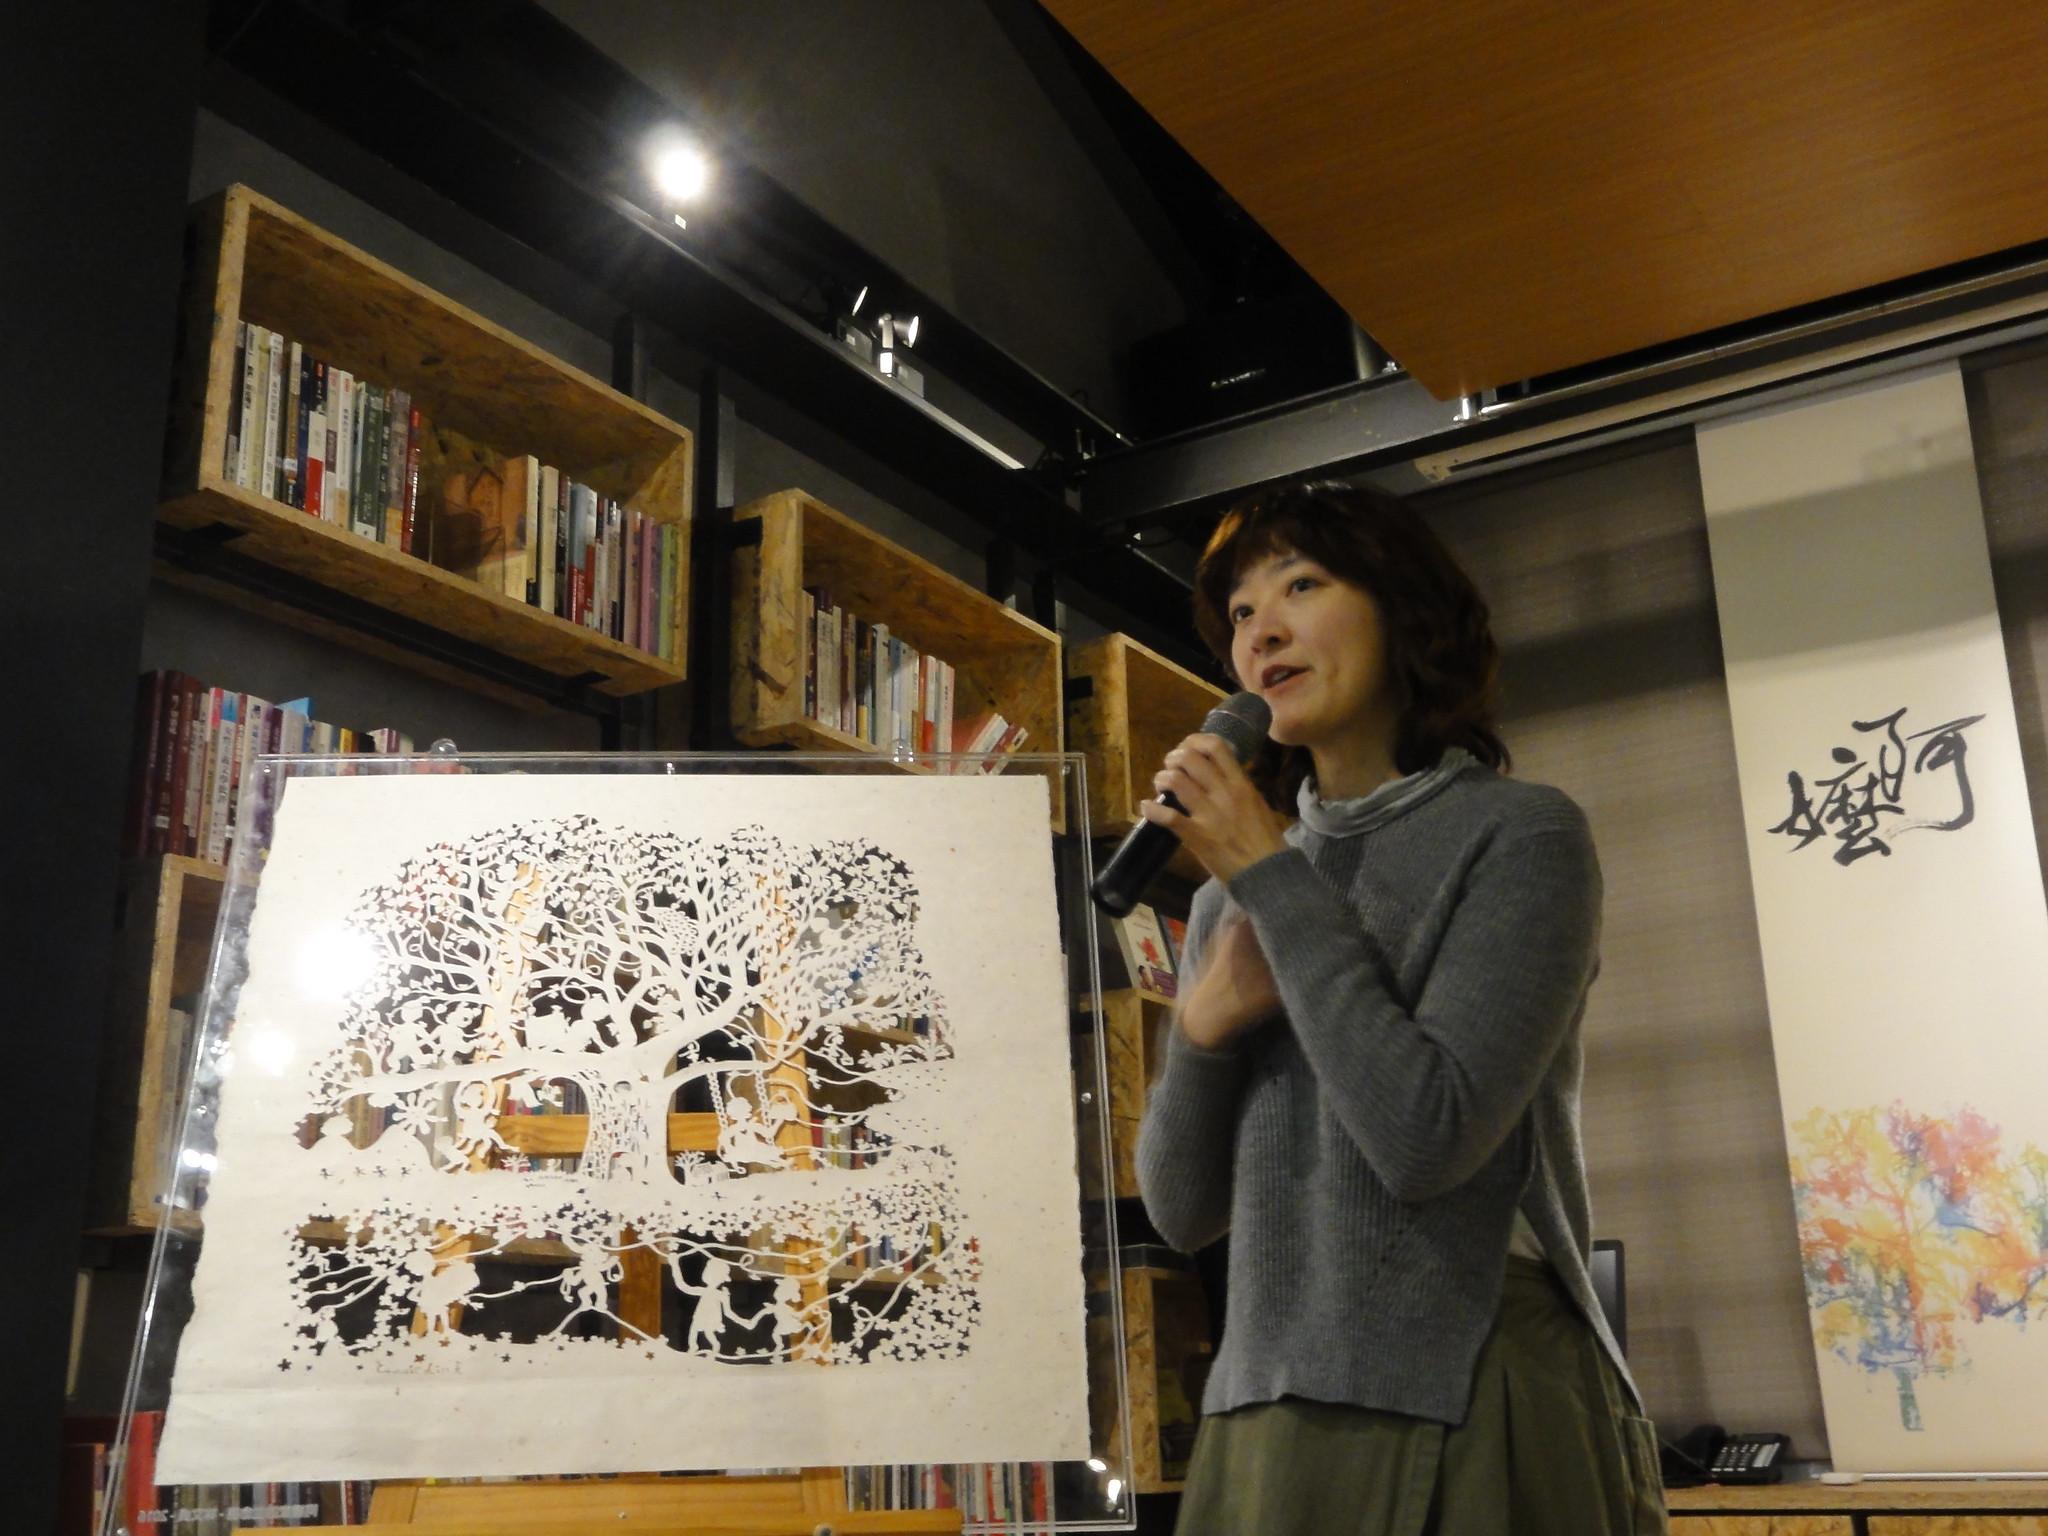 開館當天,藝術家林文貞解說她的作品「阿嬤家的生命樹」。(攝影:張智琦)